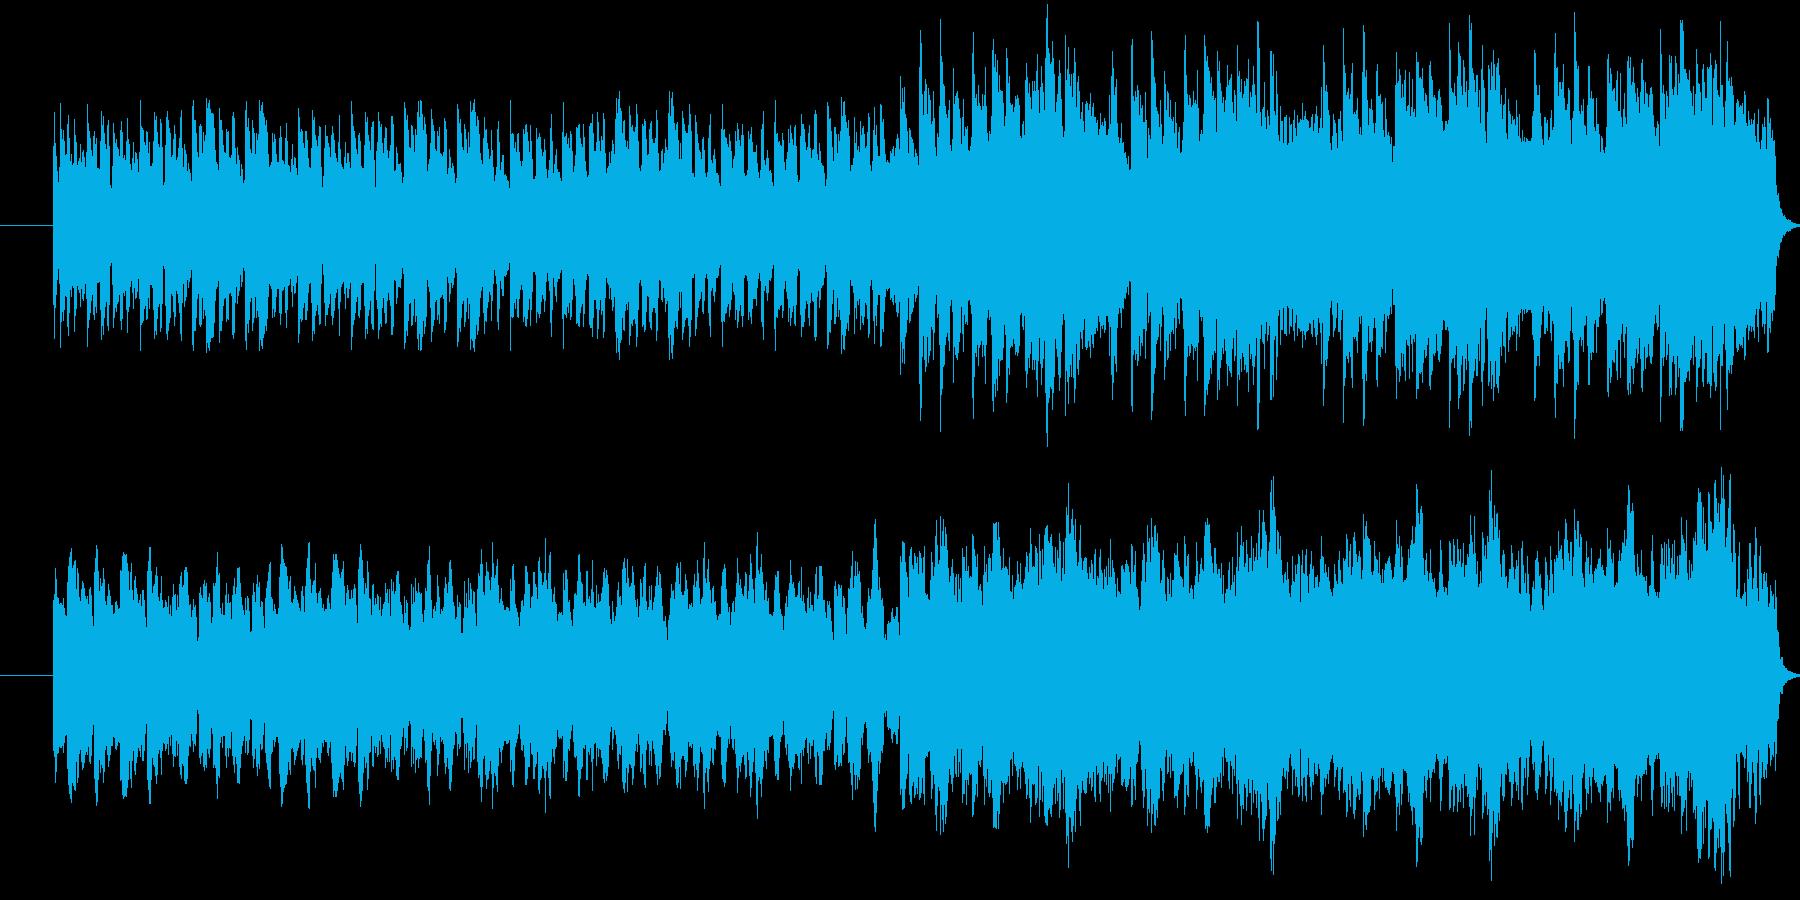 このメロディーを作ったとき、ウォール街…の再生済みの波形